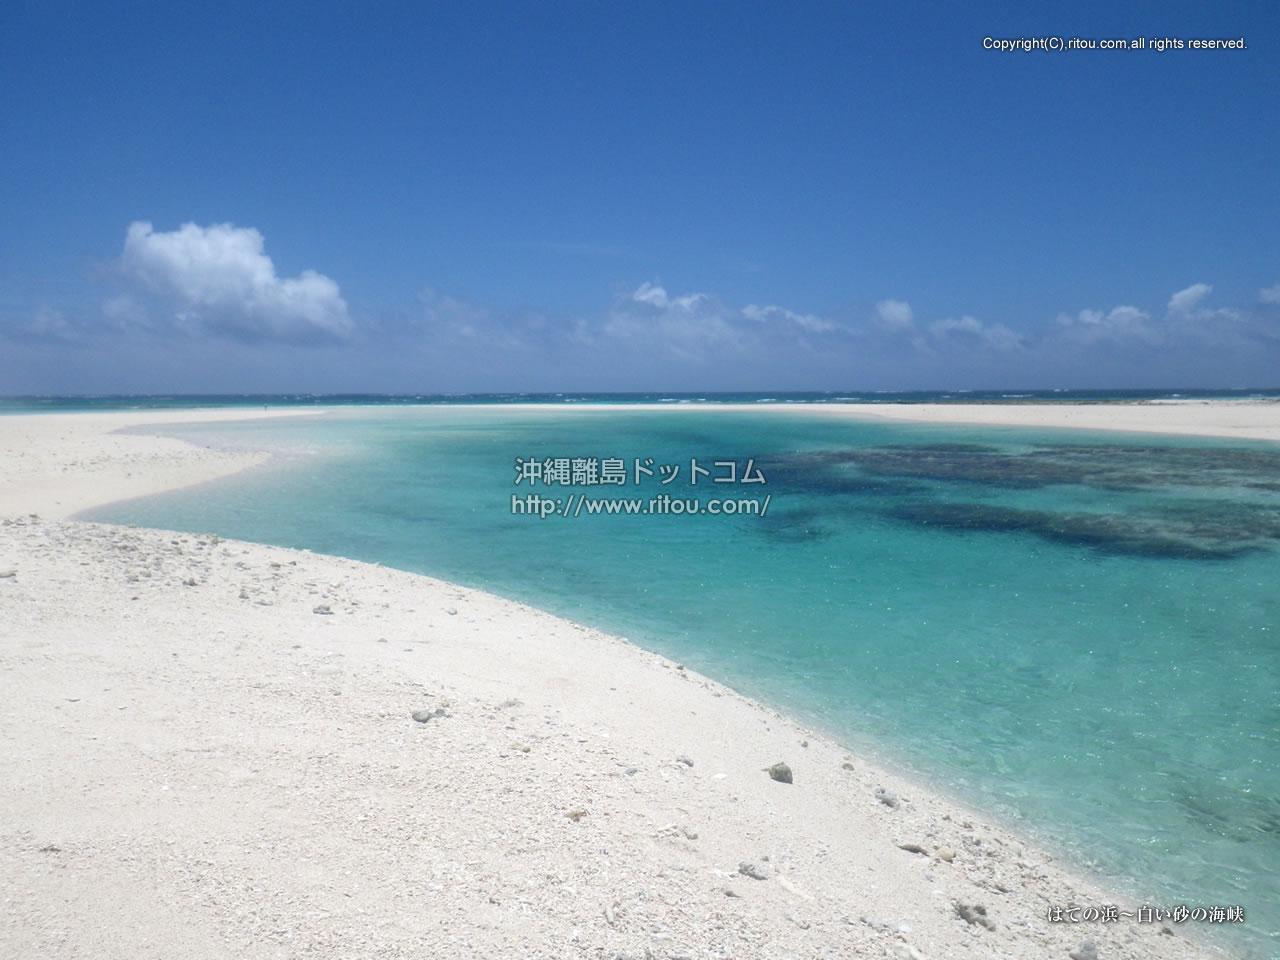 はての浜〜白い砂の海峡